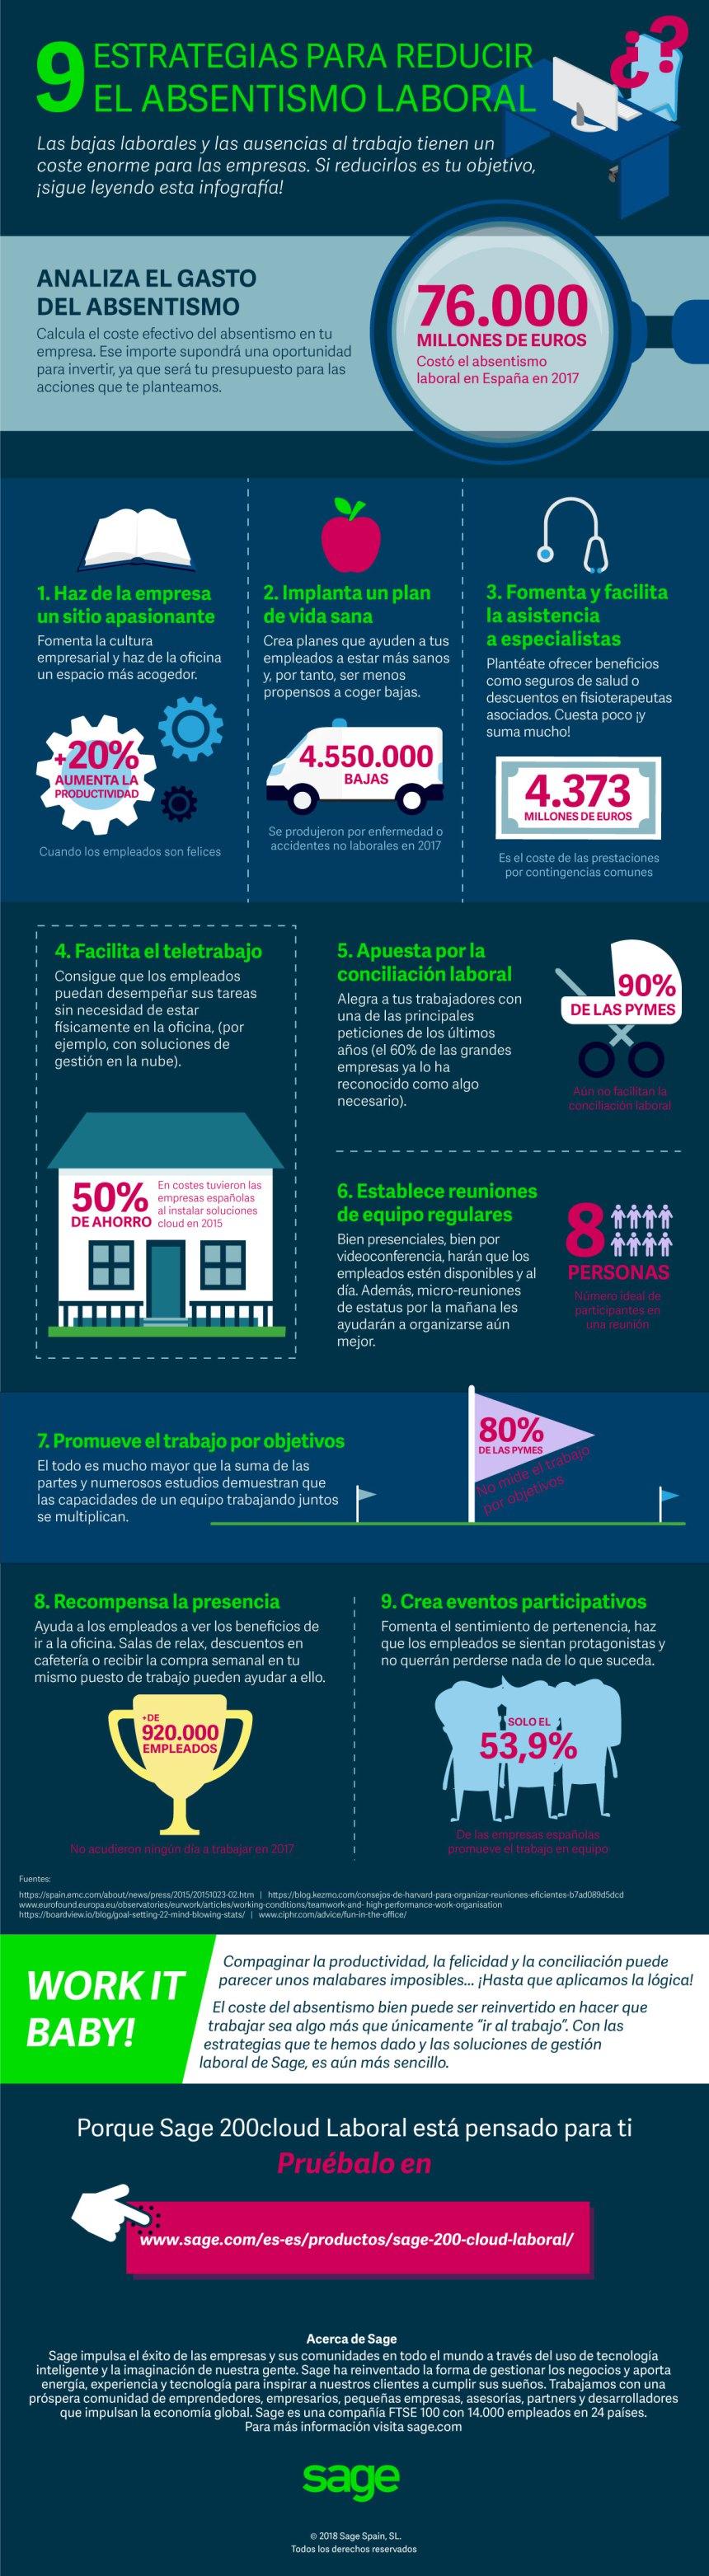 9 estrategias para reducir el absentismo laboral #infografia #infographic #rrhh